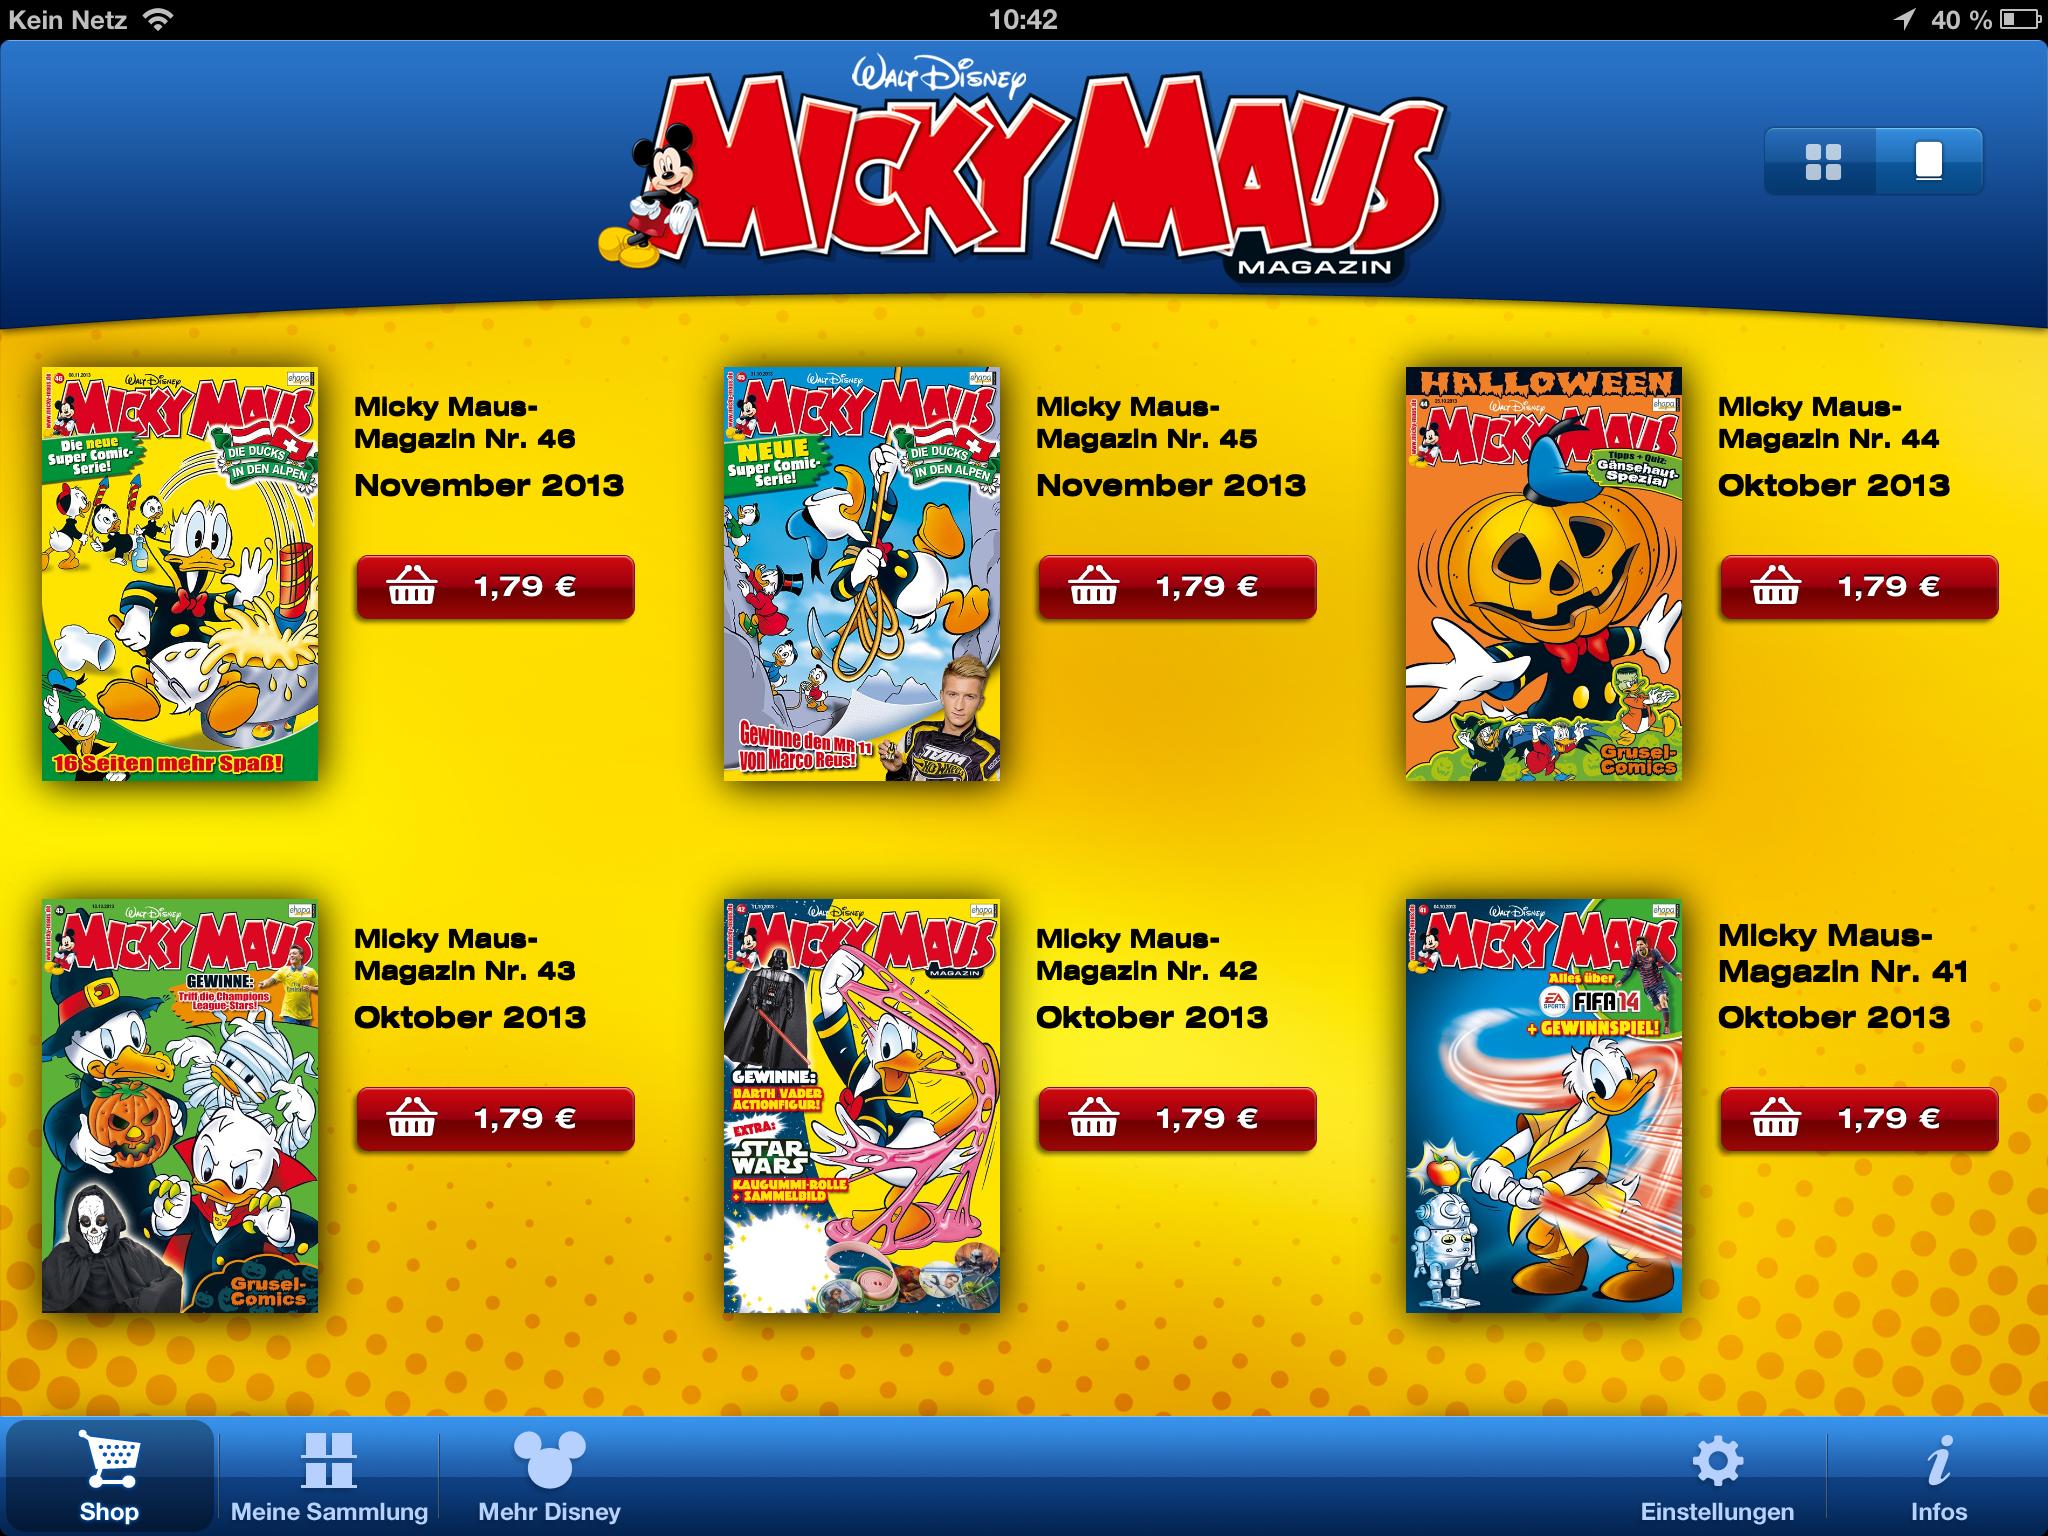 Micky Maus Magazin © Egmont Ehapa Verlag / Egmont Kids Media